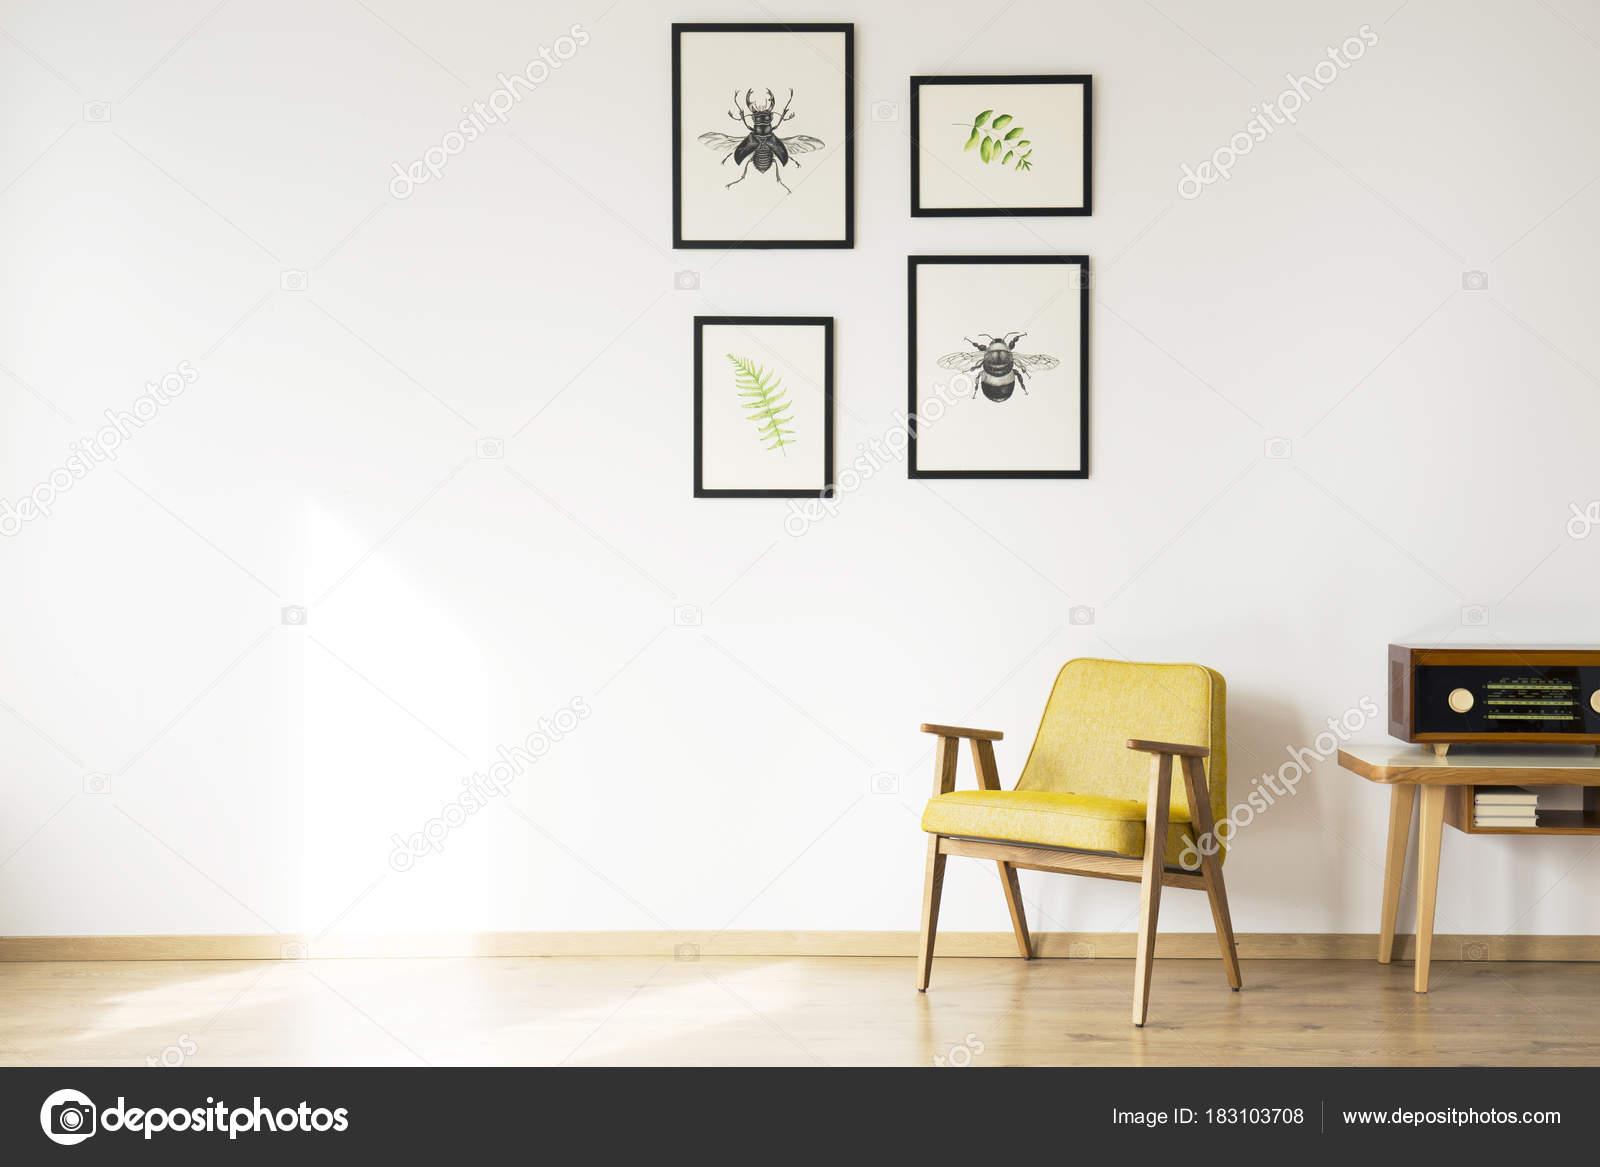 Simple Habitacion Retro Sillon Foto De Stock C Photographeeeu - Habitacion-retro